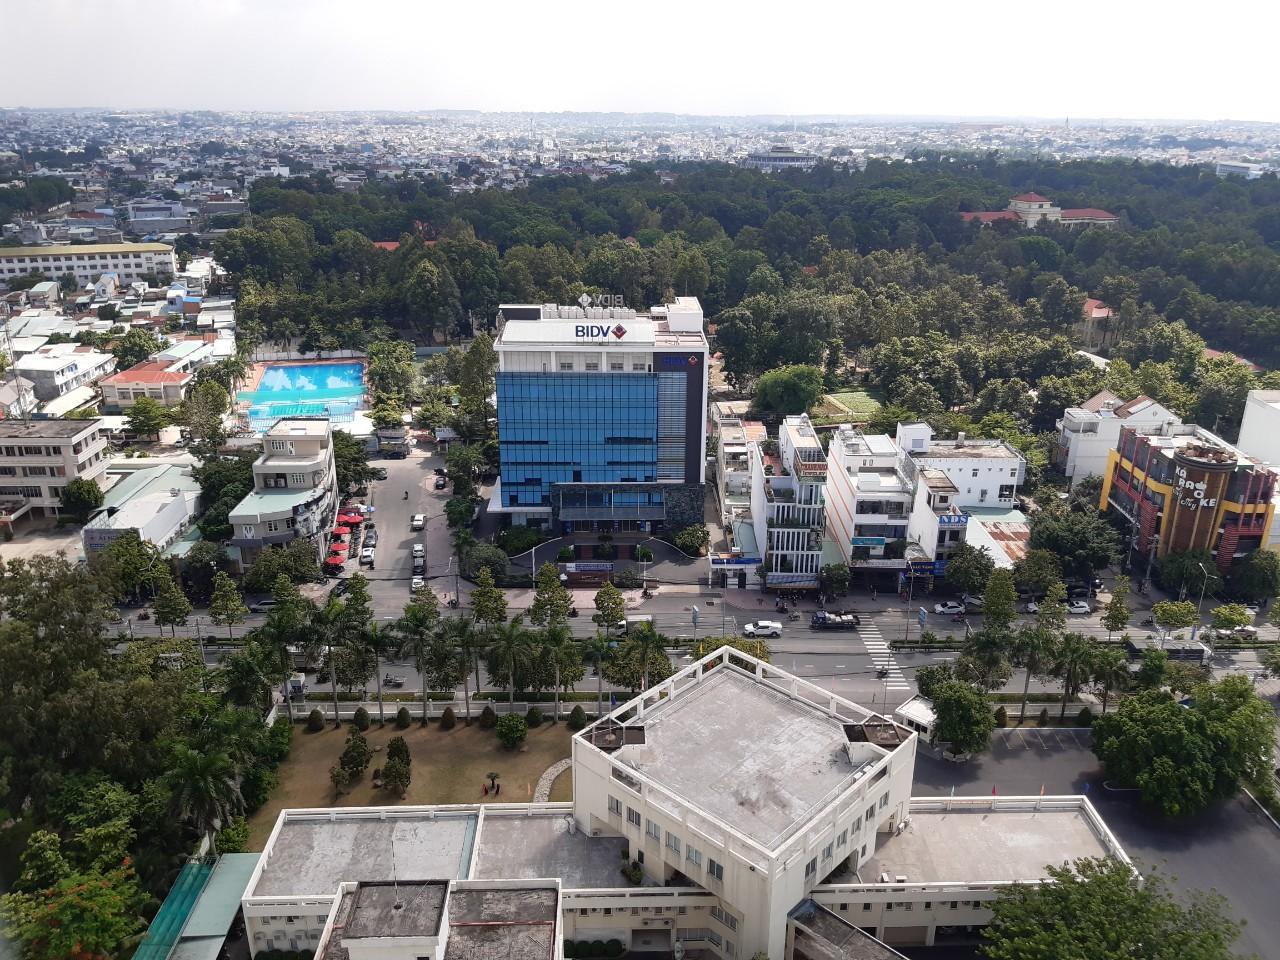 Bán căn hộ Penhouse tại chung cư Sơn An Plaza Biên Hòa 140 m2 gồm căn hộ và sân vườn giá 2,72 tỷ